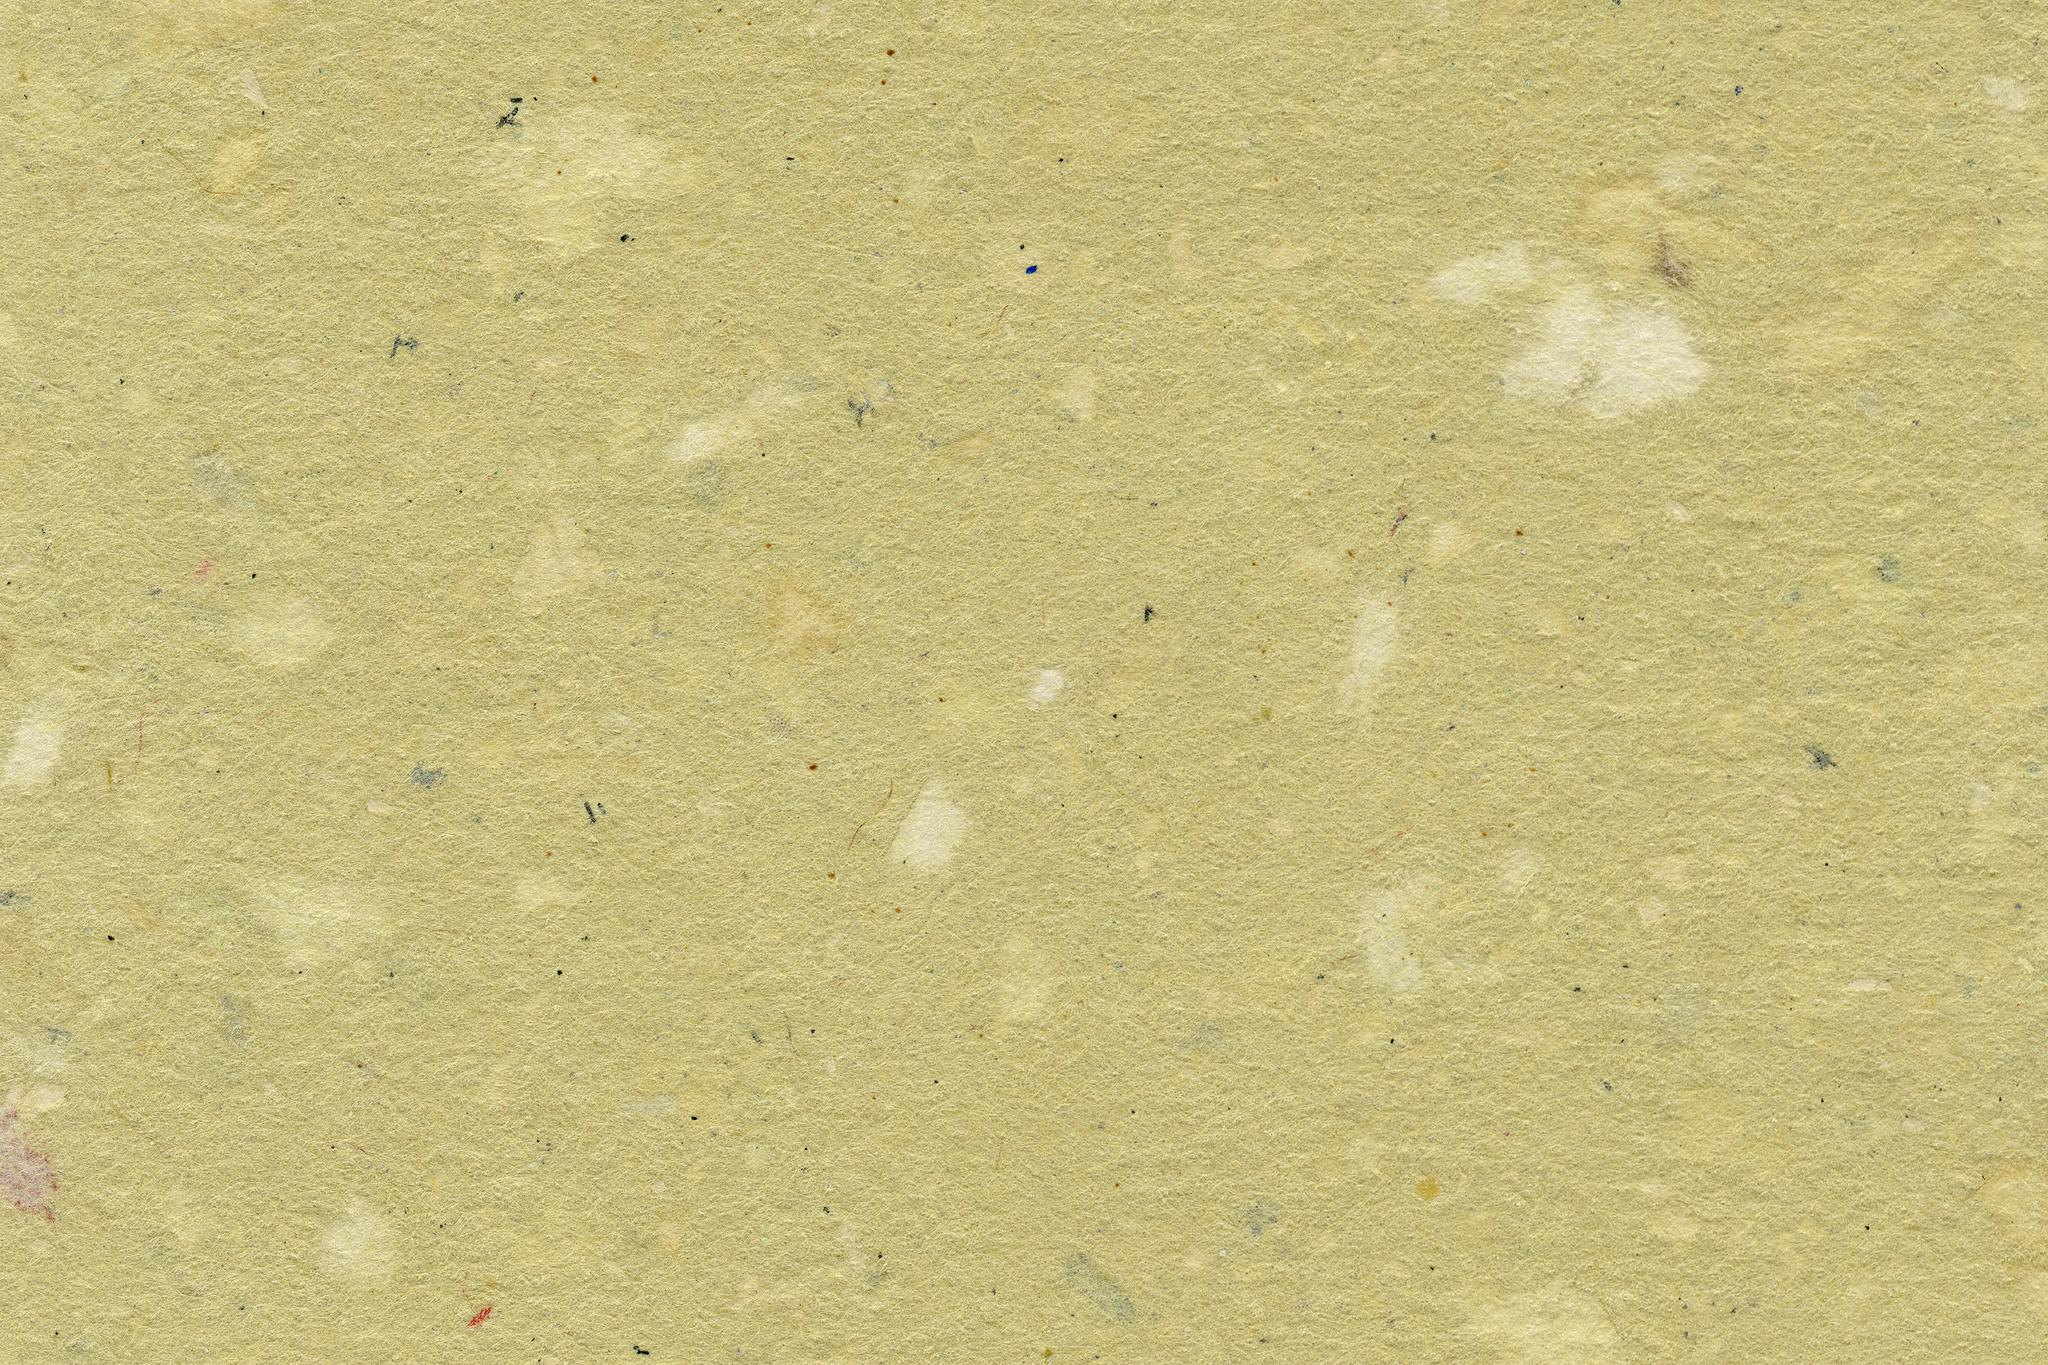 「模様の入った木蘭色の因州和紙」の画像を無料ダウンロード